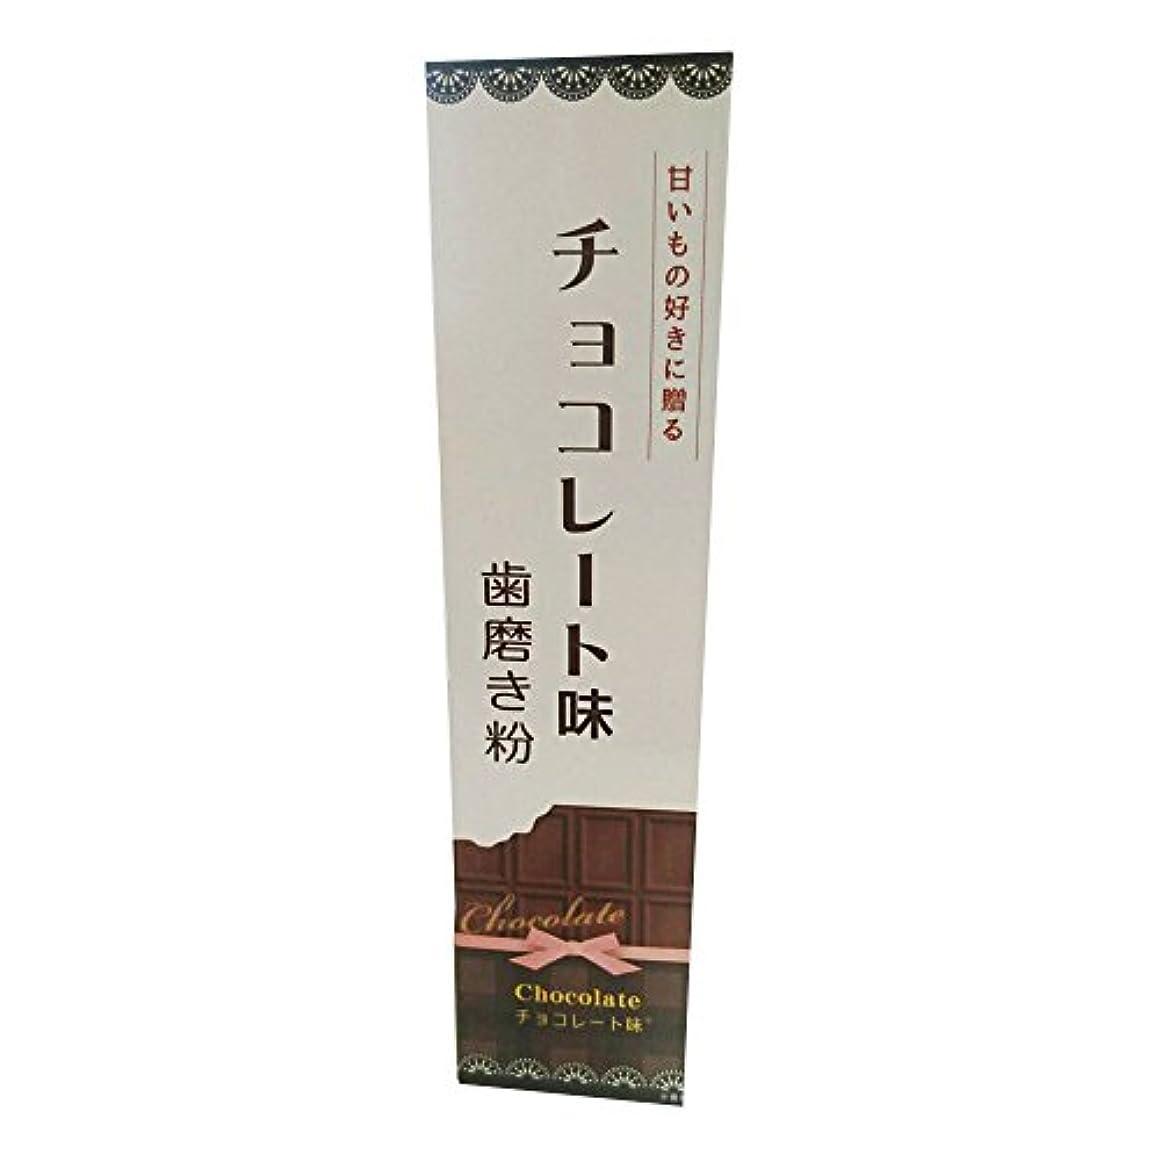 レジデンスヘルメット処方フレーバー歯磨き粉チョコレート味 70g